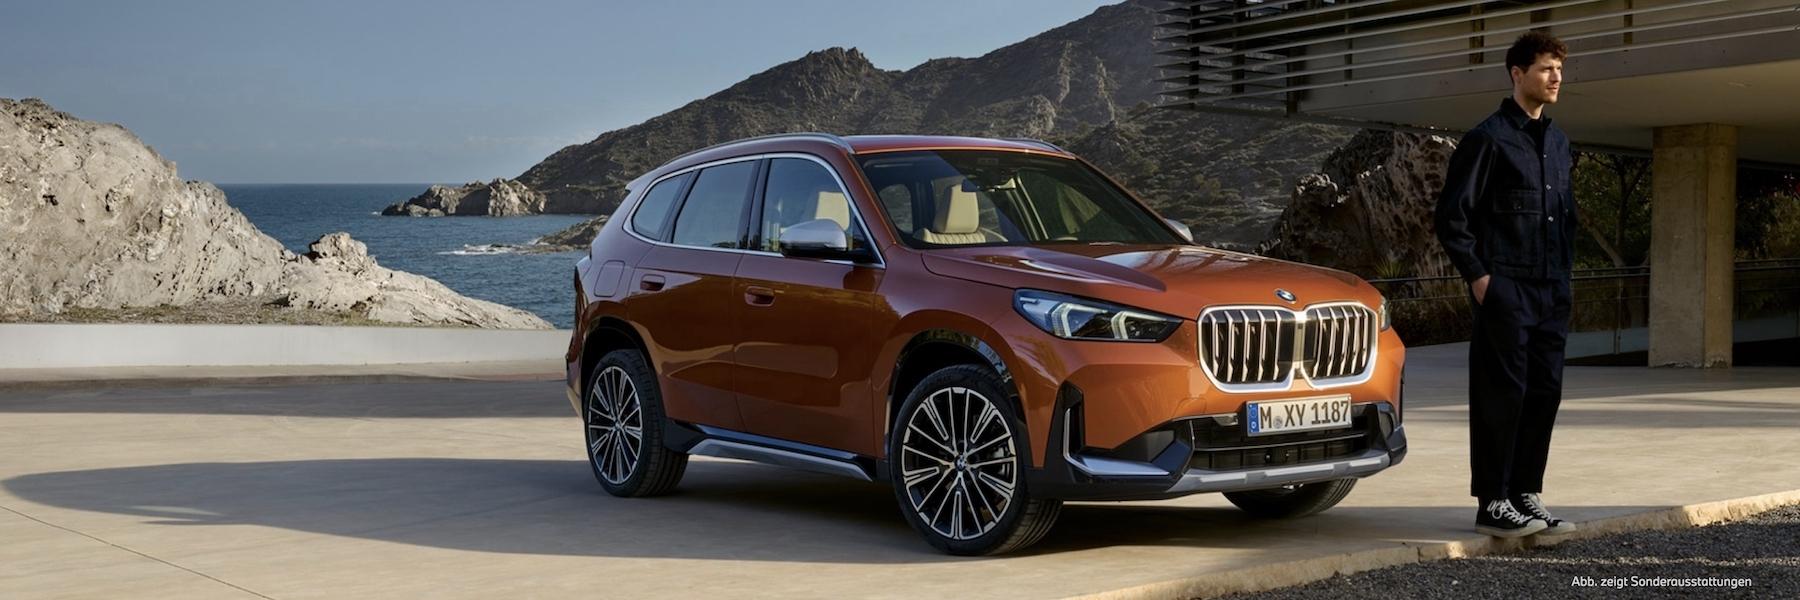 BMW Vogl BMW X1